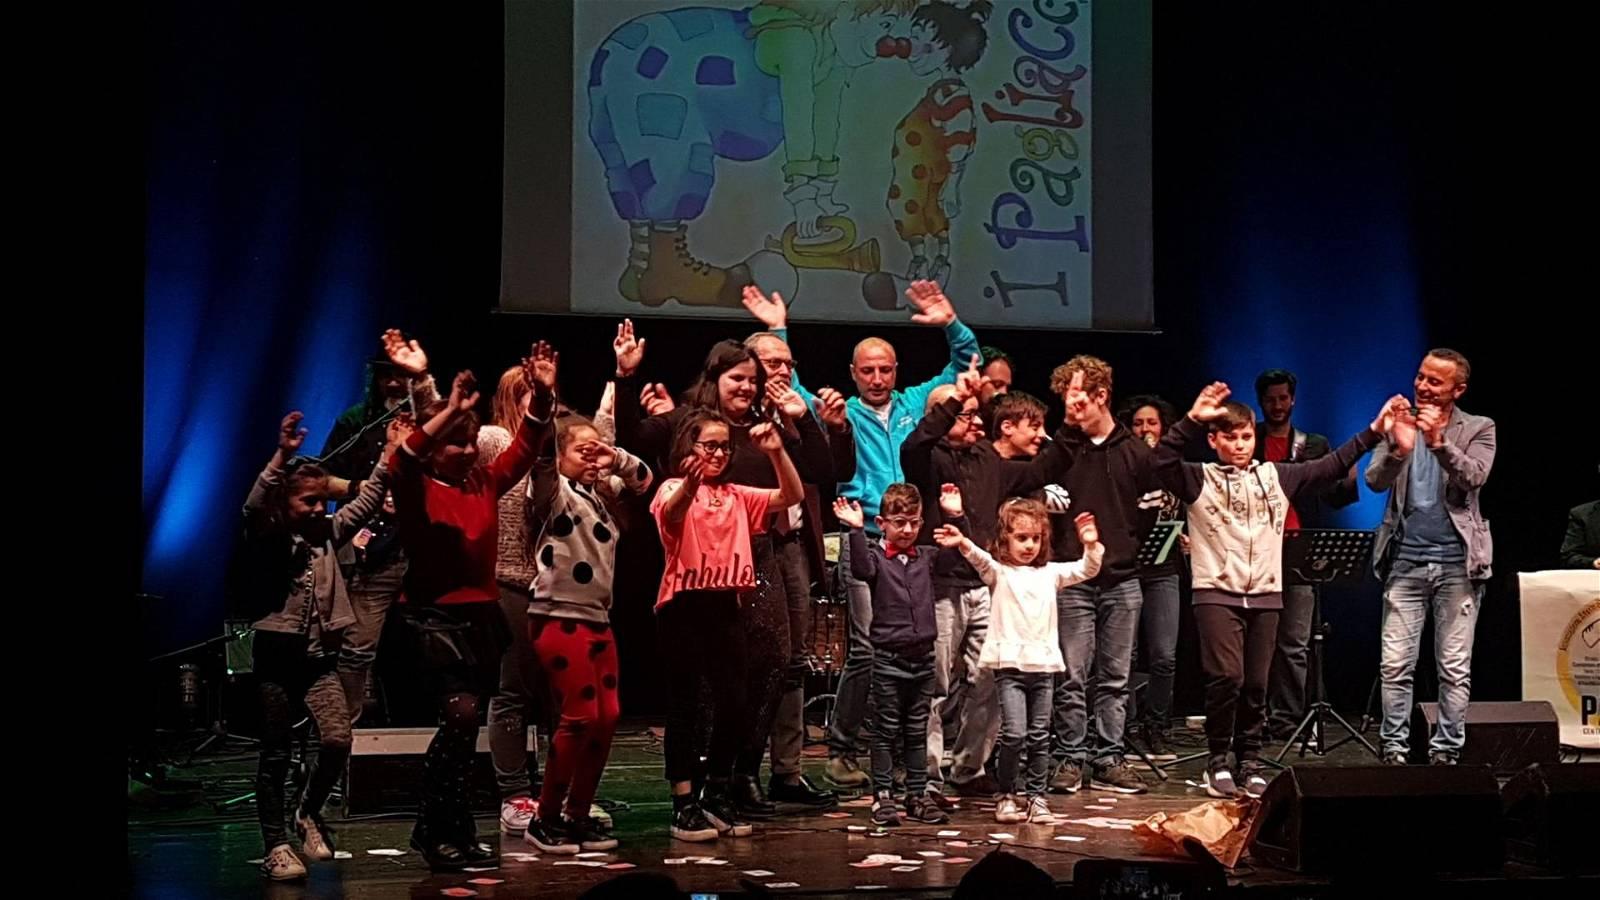 Sul palco del teatro Secci si festeggiano i 10 anni di vita de I Pagliacci